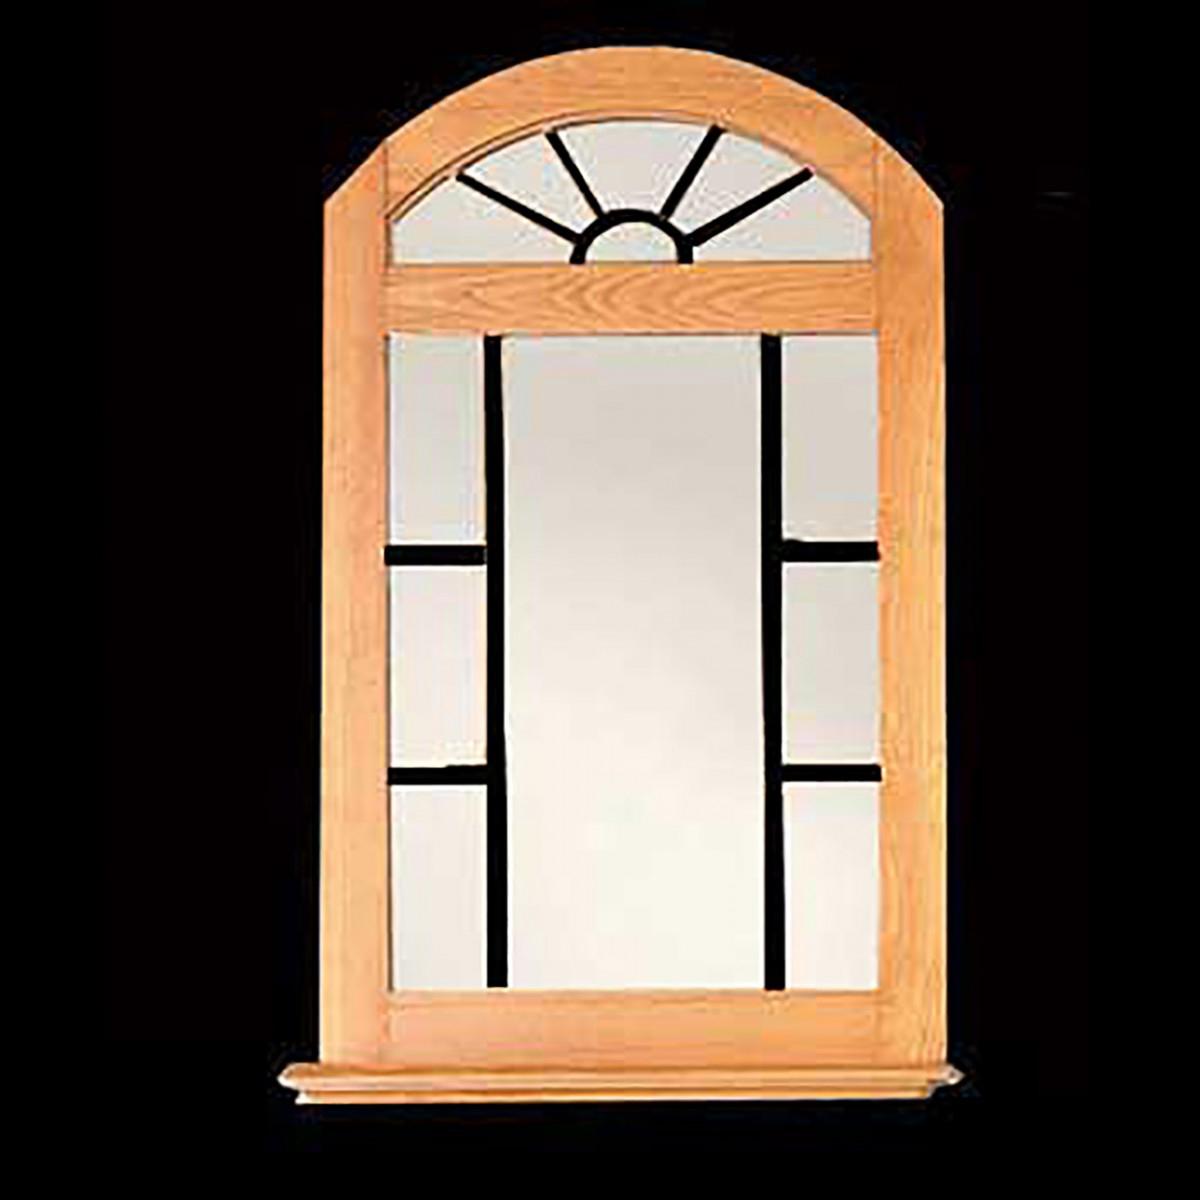 Vanity Mirror Windowpane Arch Heirloom Pine 39 H Vanity Mirrors Large Vanity Mirror Arched Decorative Vanity Mirror